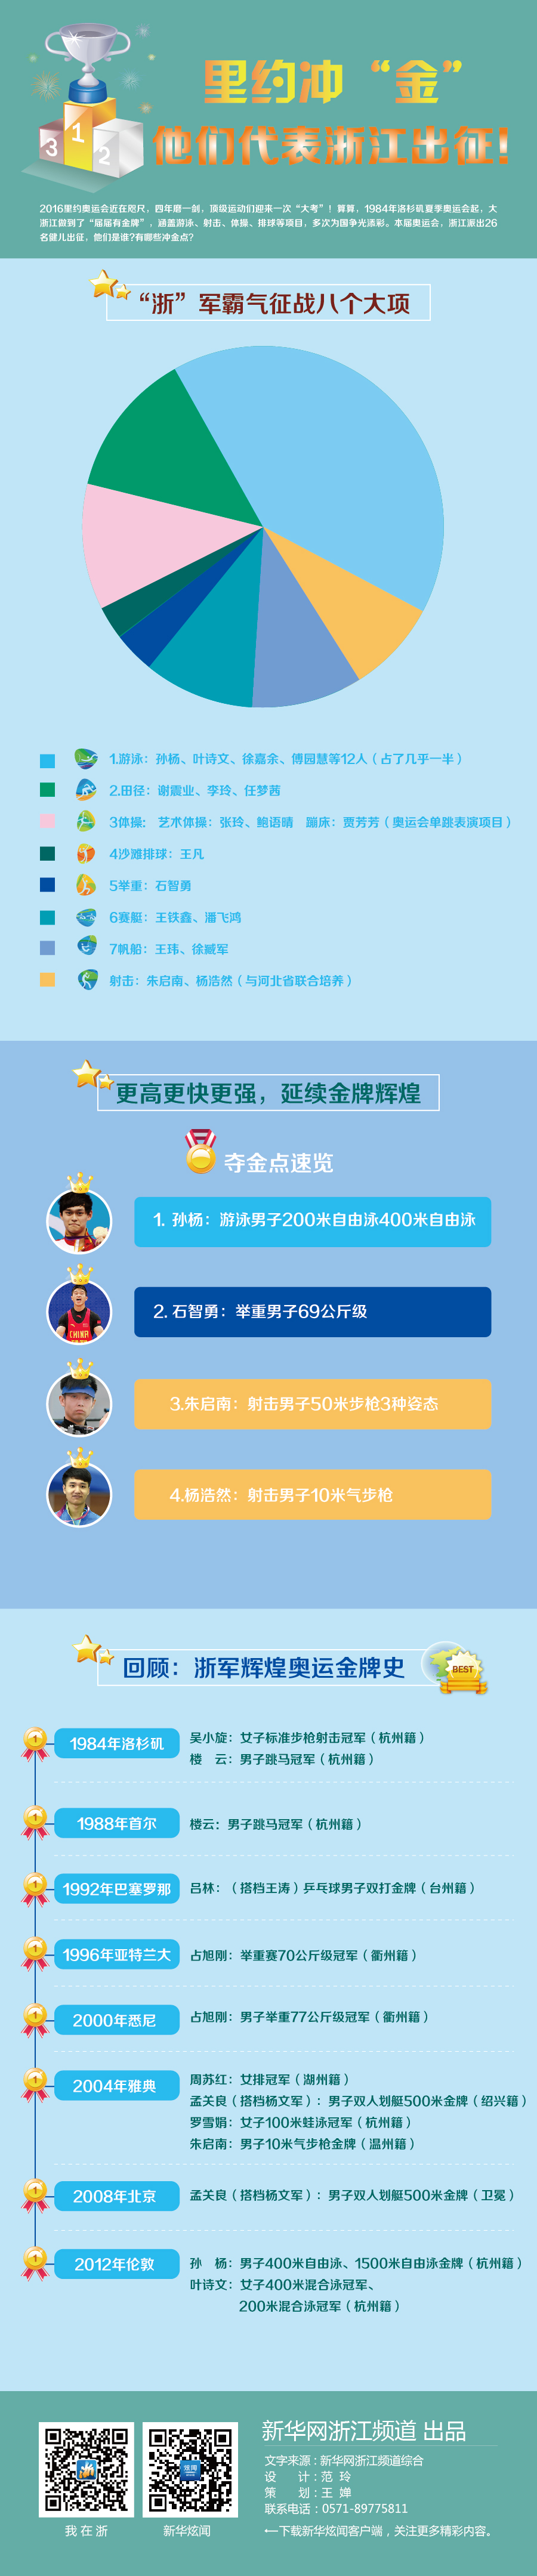 【奥运来了】26浙江健儿出征里约 霸气征战8大项